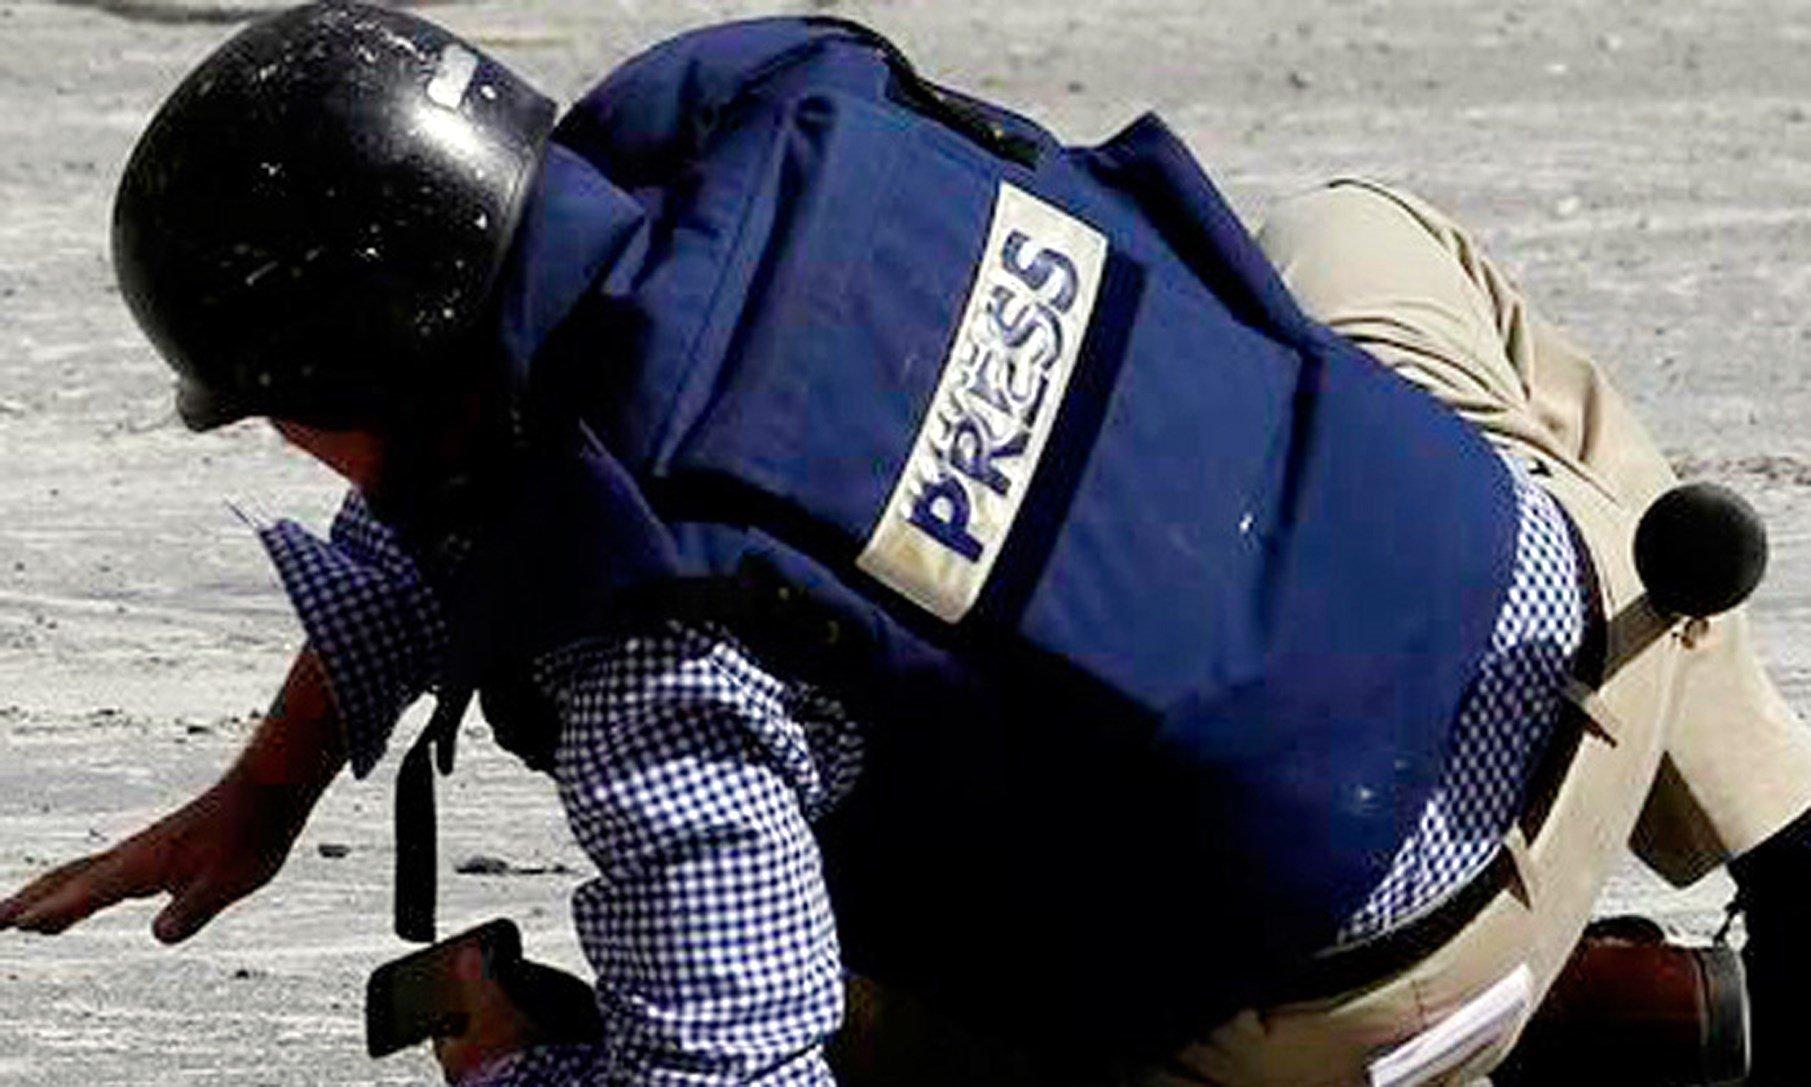 المخاطر تطارد الصحافيين في العالم.. إغتيال 3 صحافيين في المكسيك